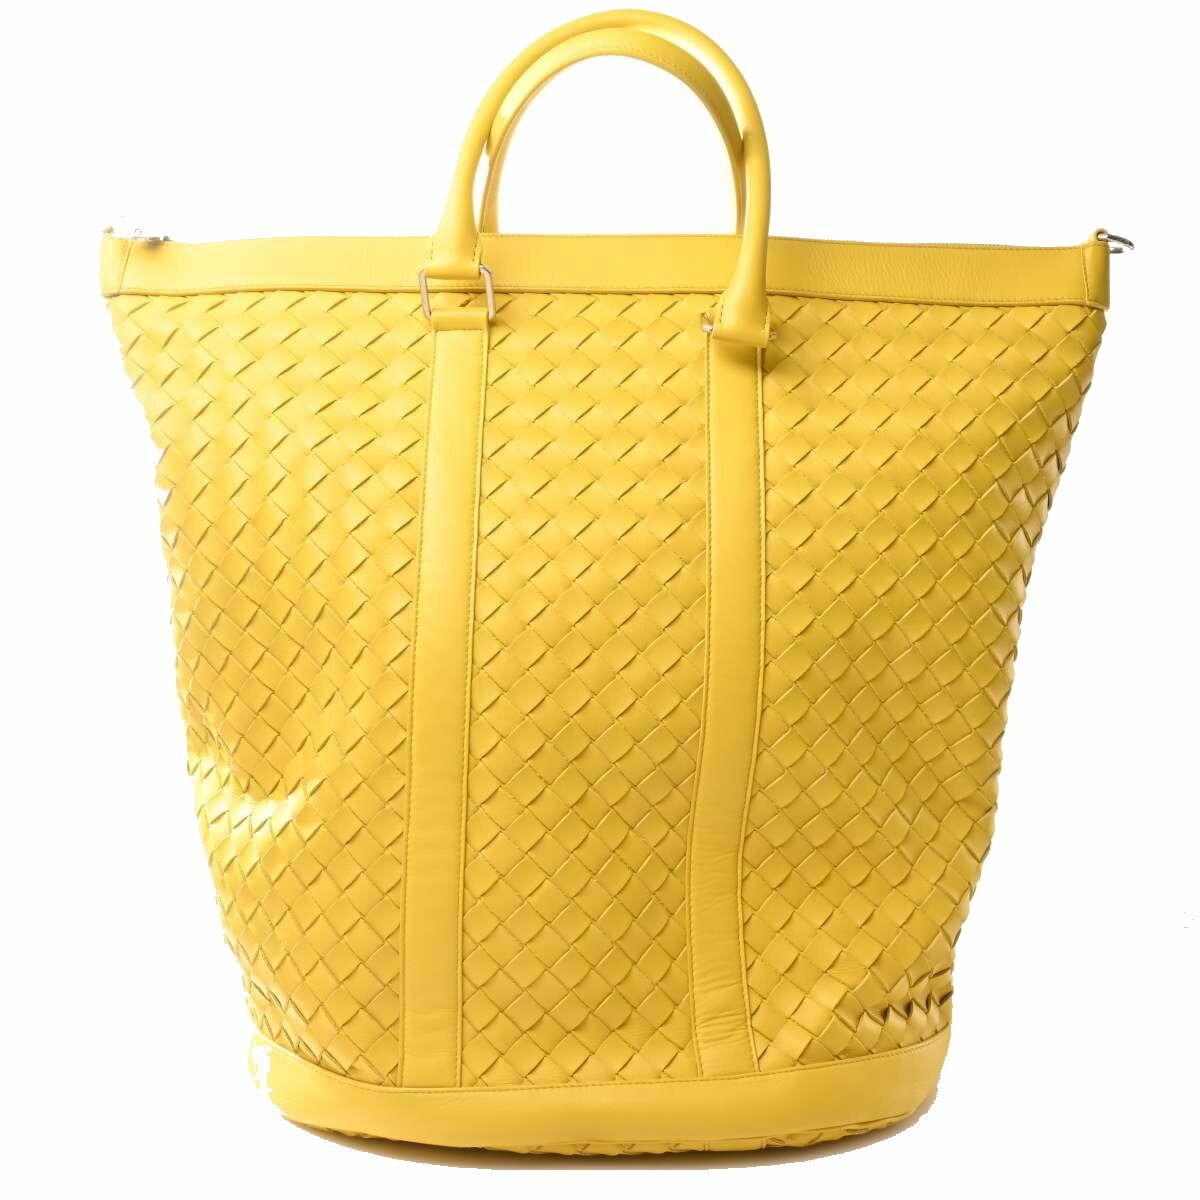 Bottega Veneta Intrecciato Leather Boston Bag Tote Yellow